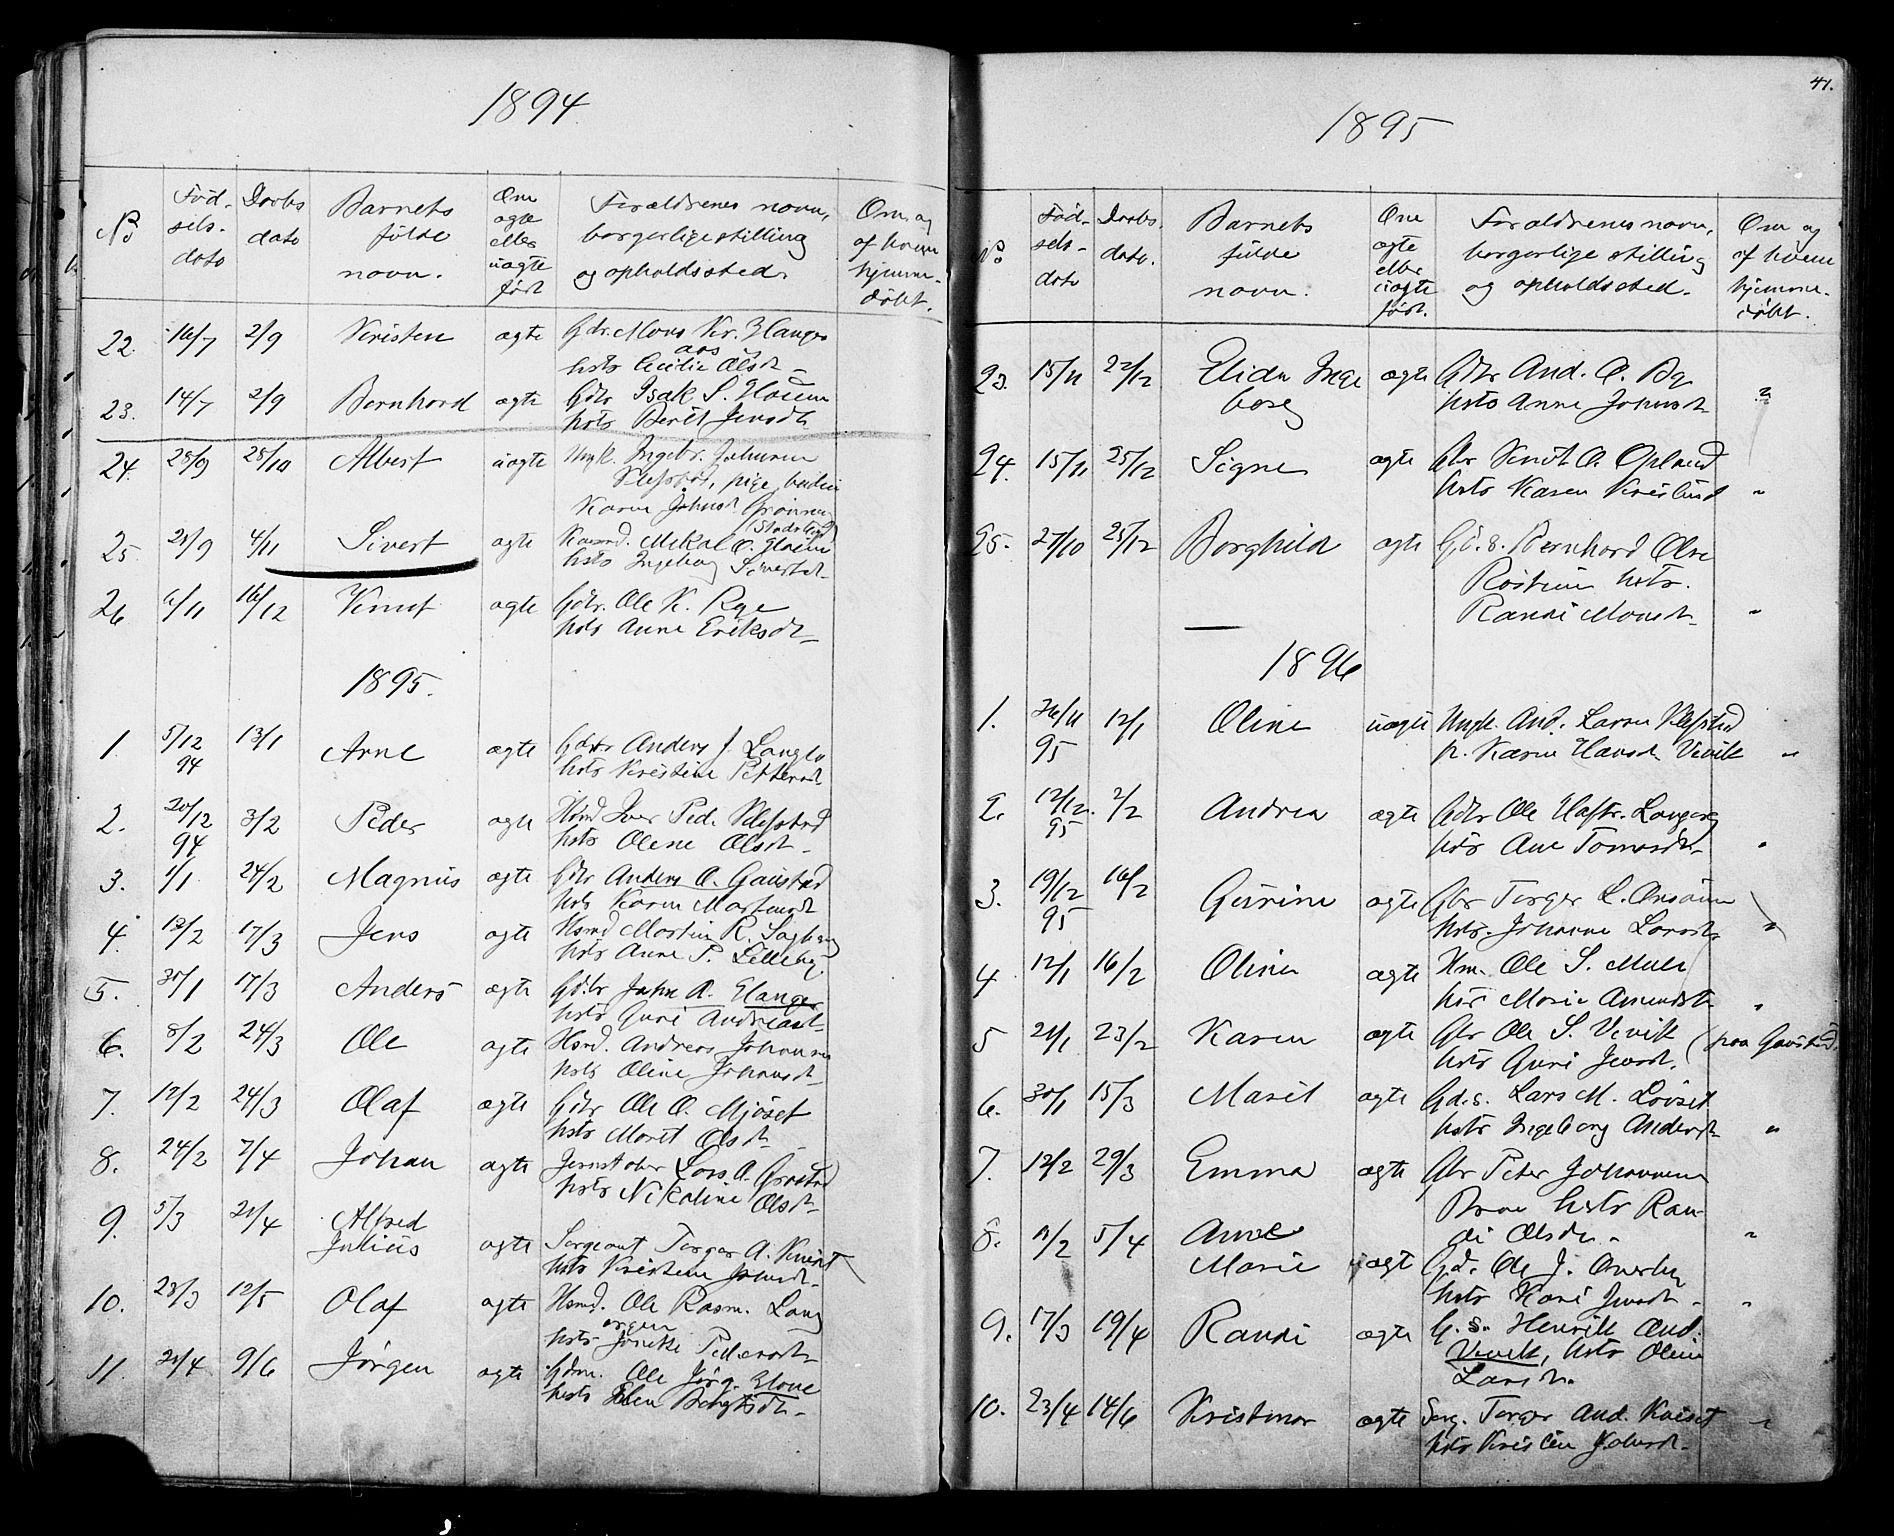 SAT, Ministerialprotokoller, klokkerbøker og fødselsregistre - Sør-Trøndelag, 612/L0387: Klokkerbok nr. 612C03, 1874-1908, s. 41